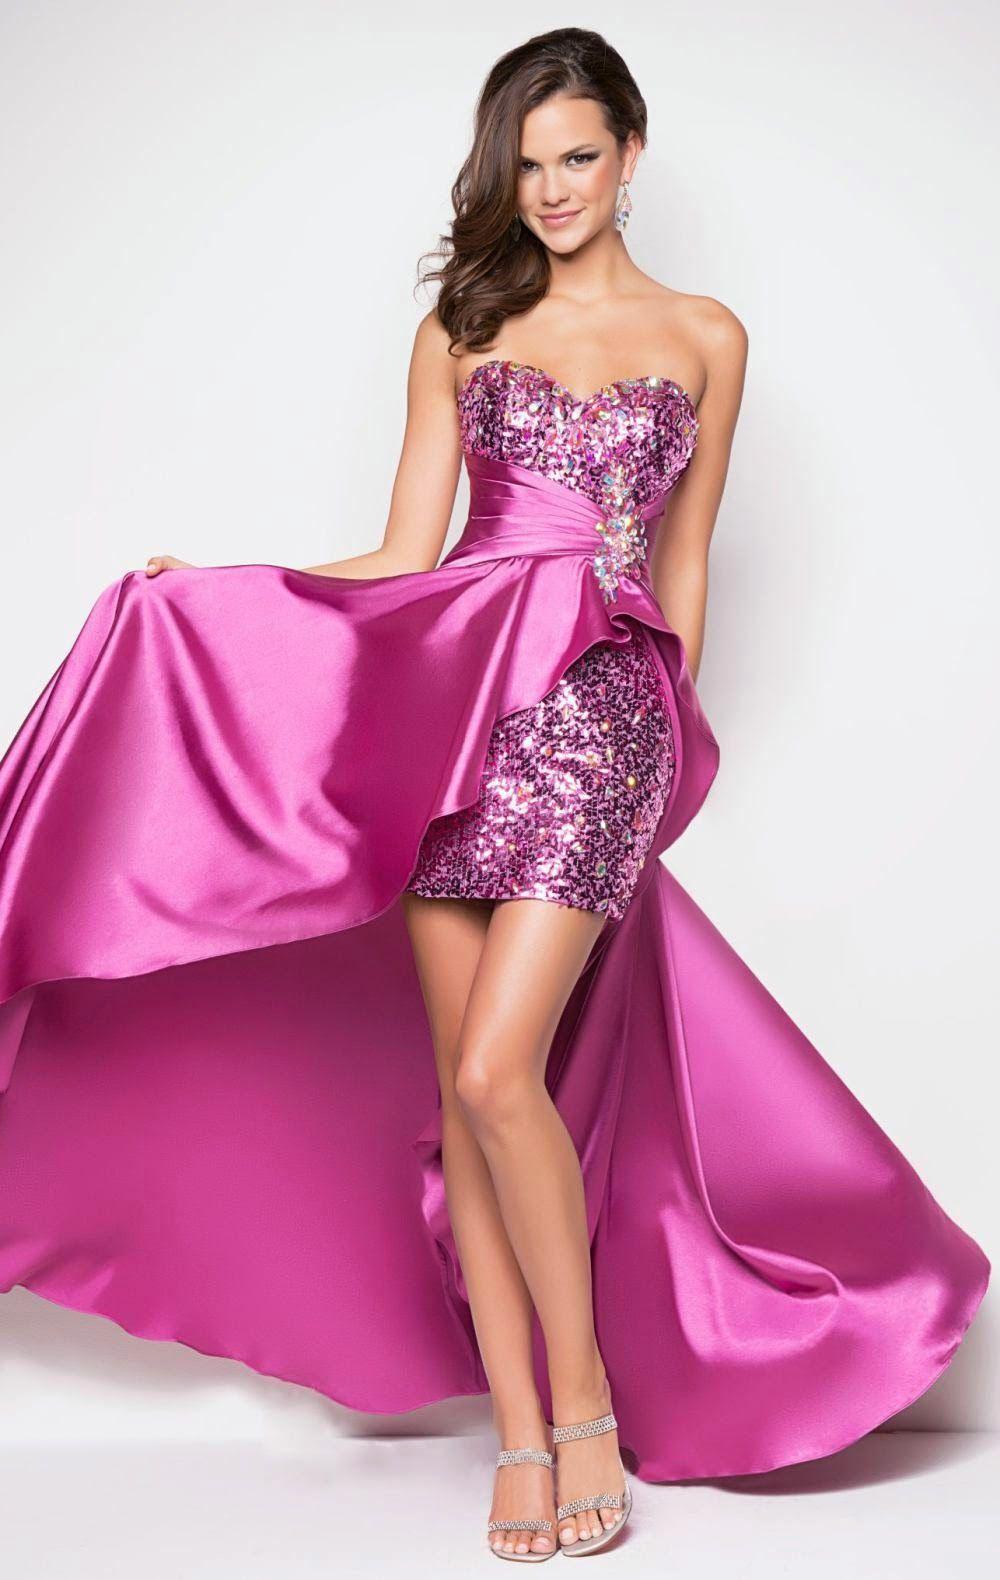 ccb75f9b2 Exclusivos diseños de vestidos de 15 años